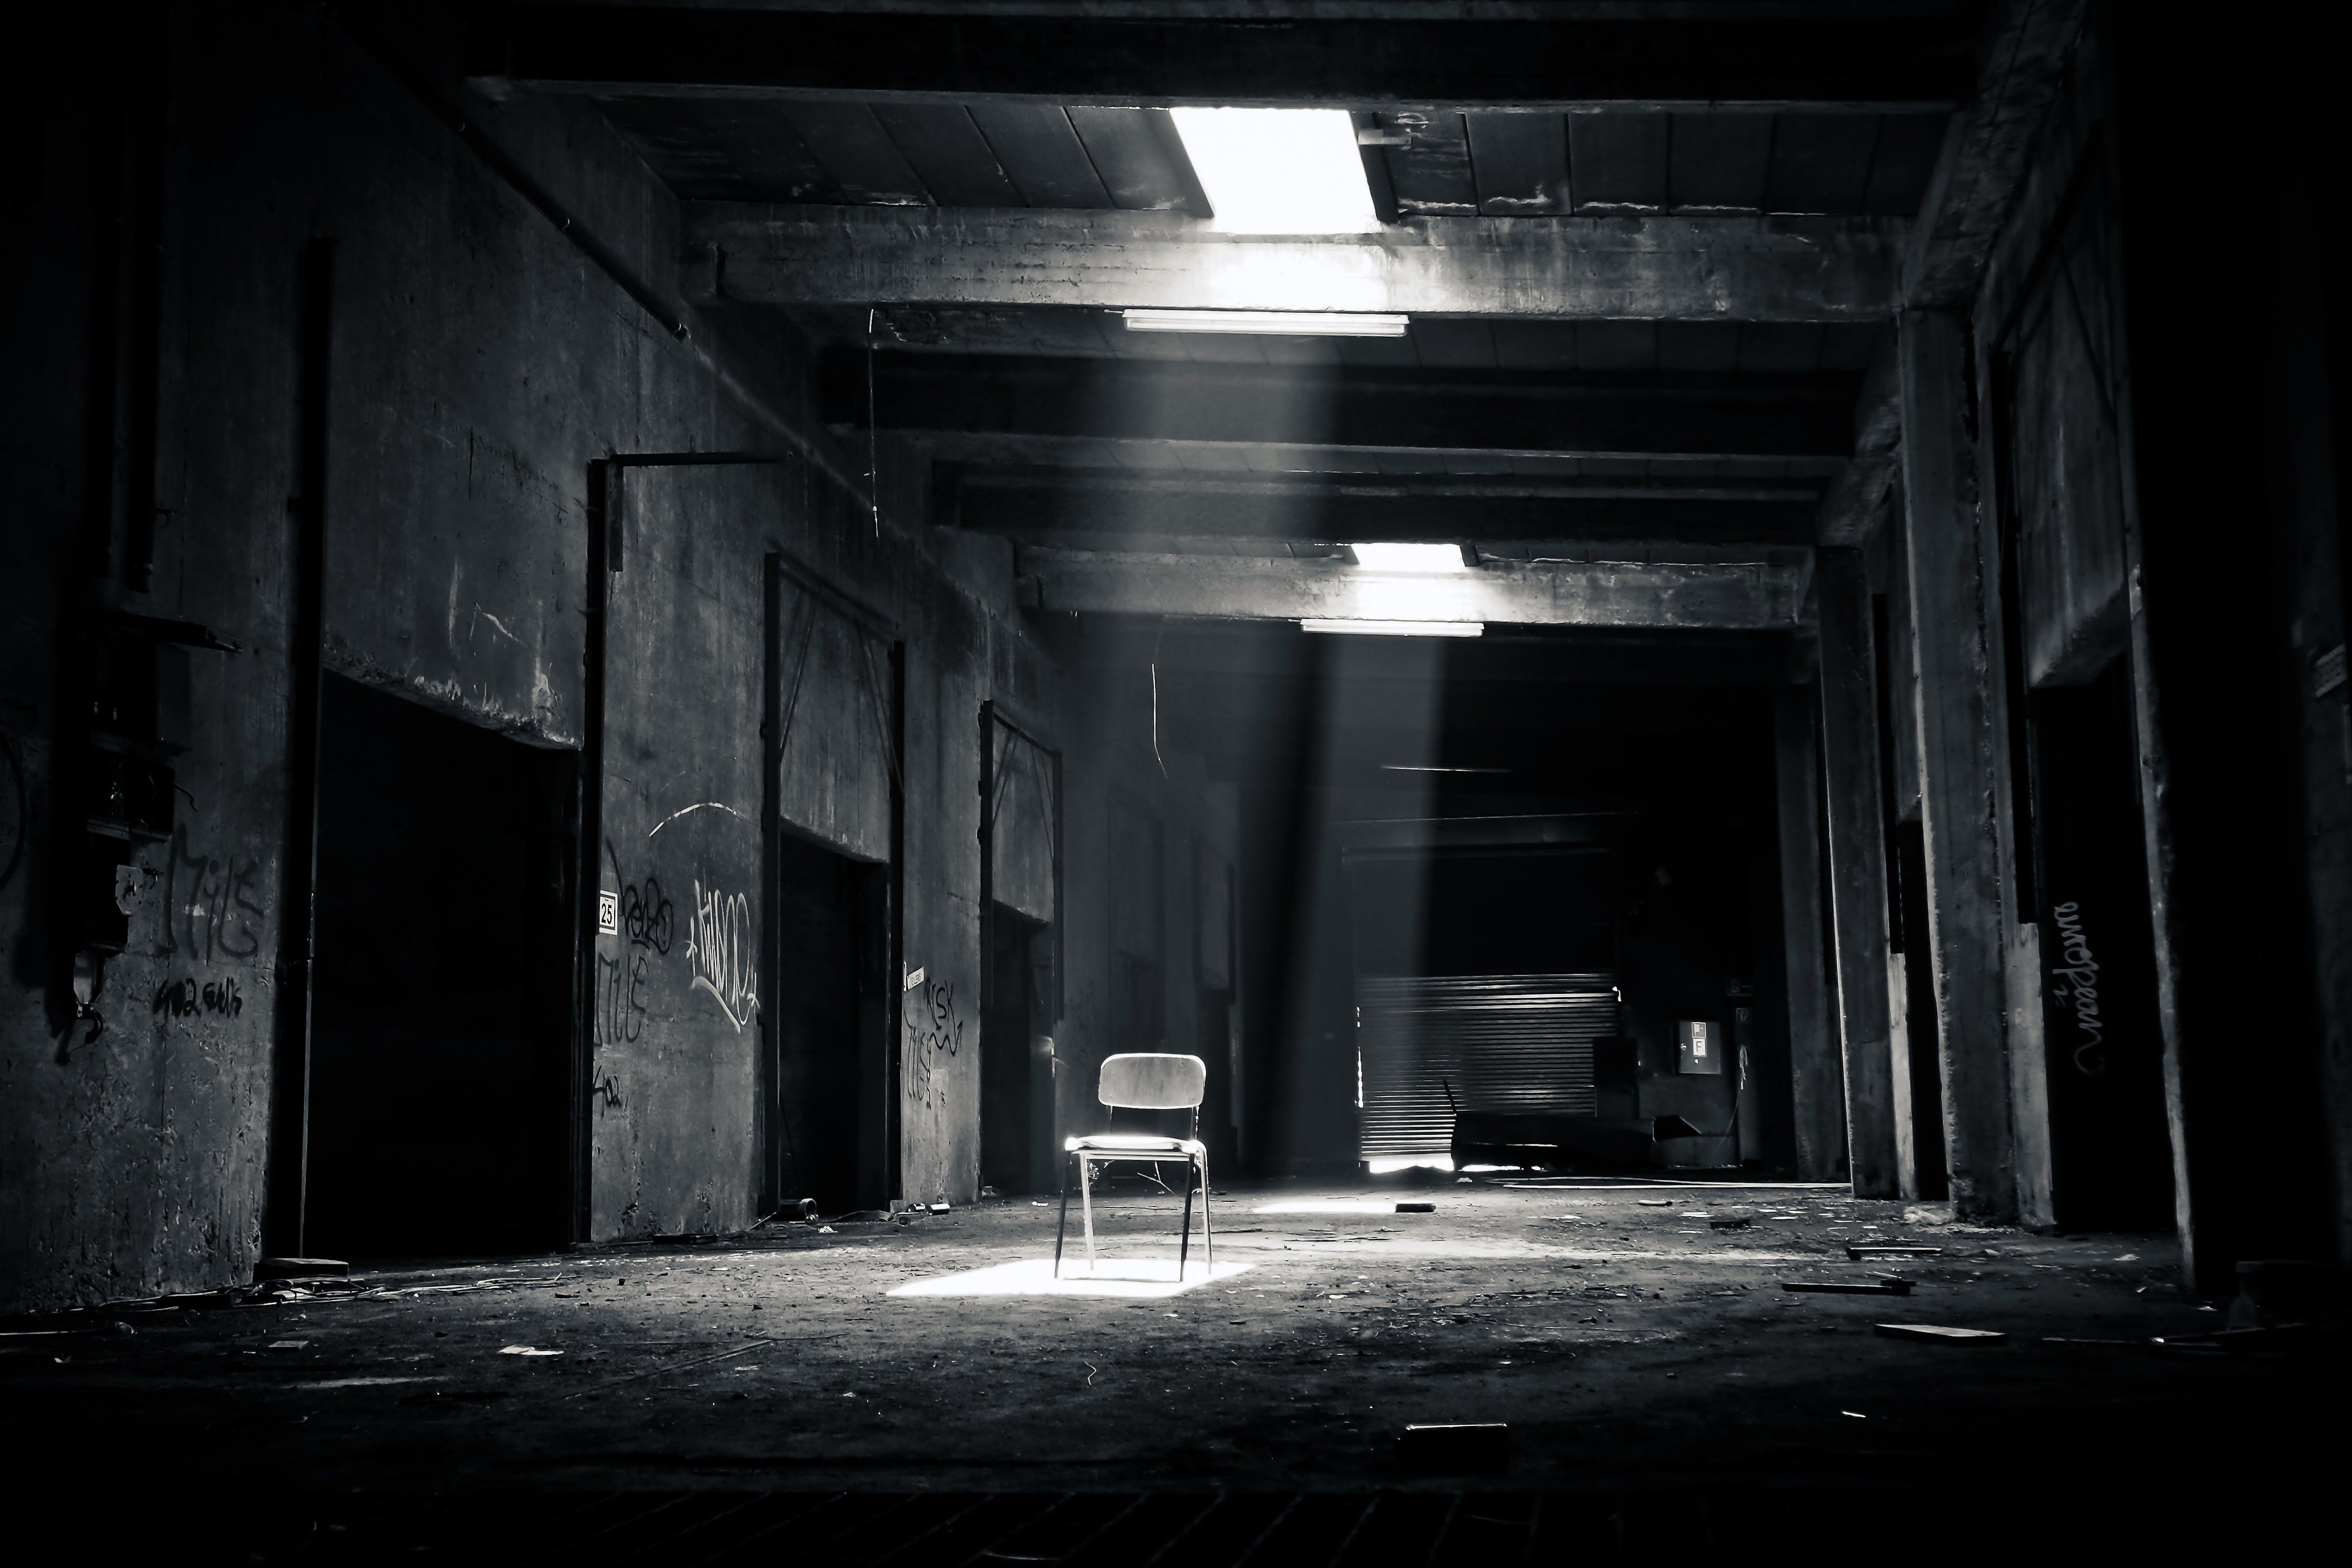 Kostenloses Stock Foto zu schwarz und weiß, dunkel, gebäude, stuhl